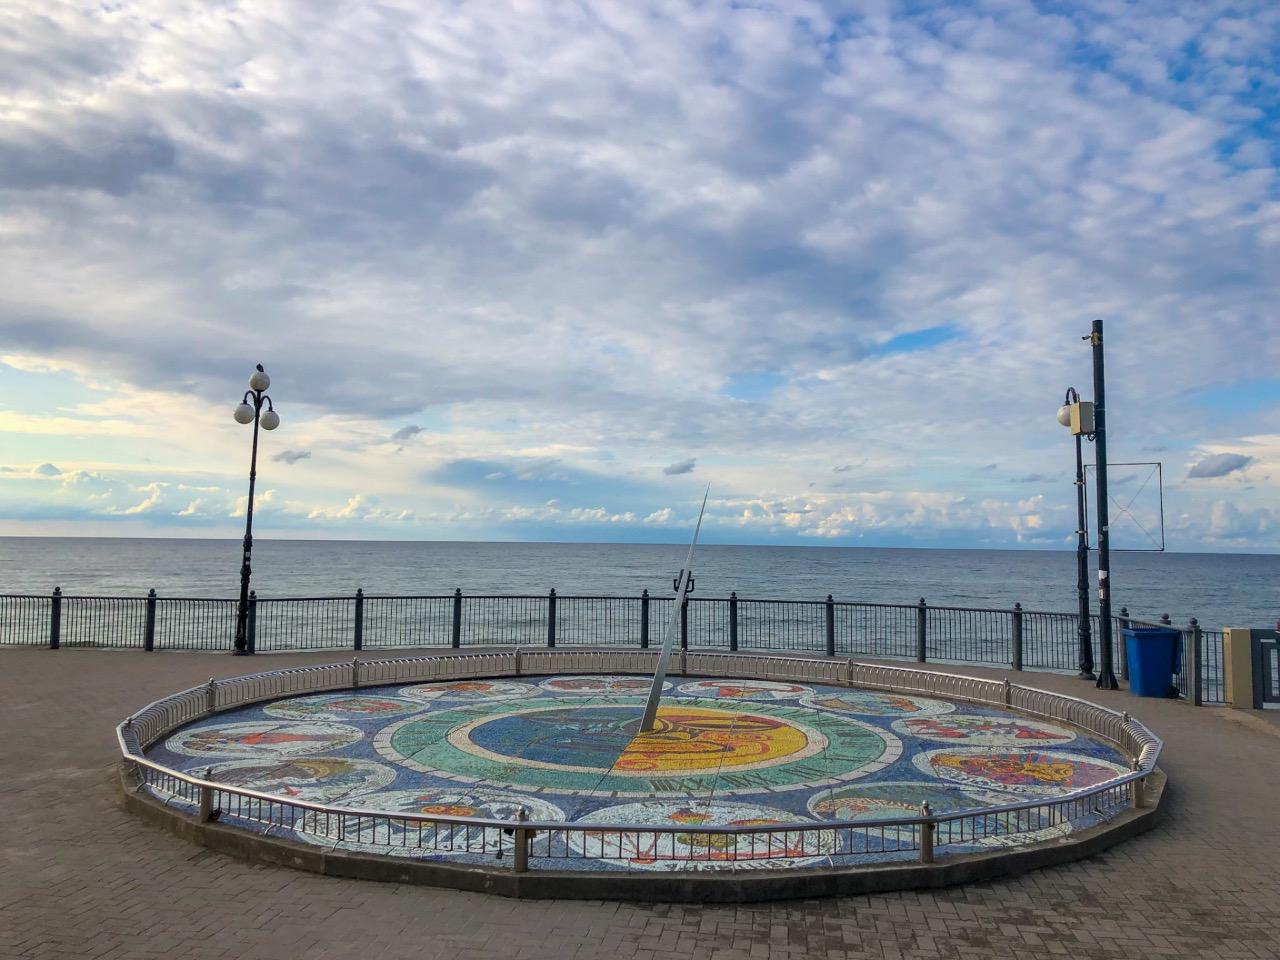 Янтарное побережье  - индивидуальная экскурсия в Калининграде от опытного гида